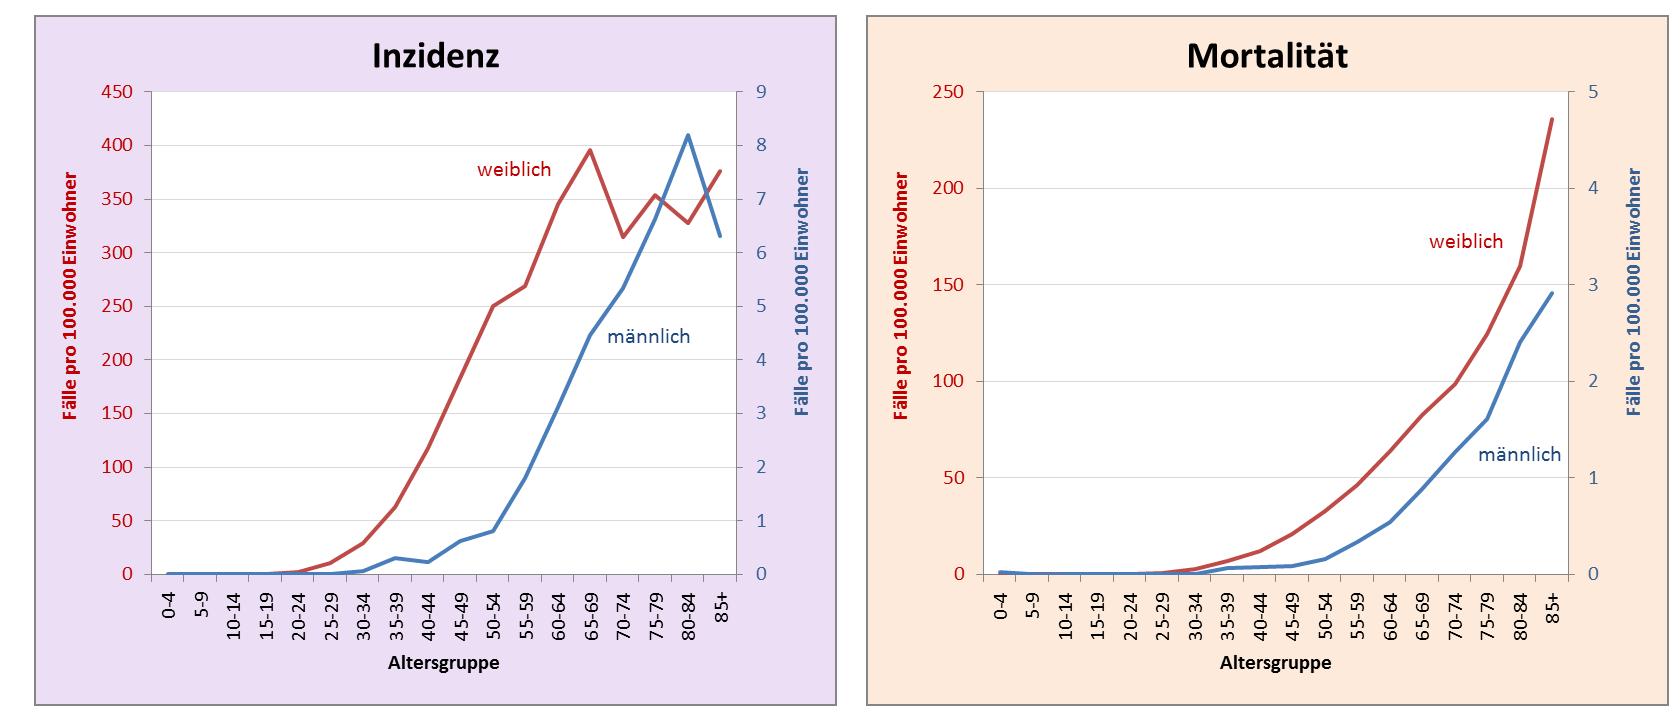 Vergleich der Altersverteilung bei Inzidenz und Mortalität zwischen den Geschlechtern beim Brustkrebs in Deutschland 2009 – 2013